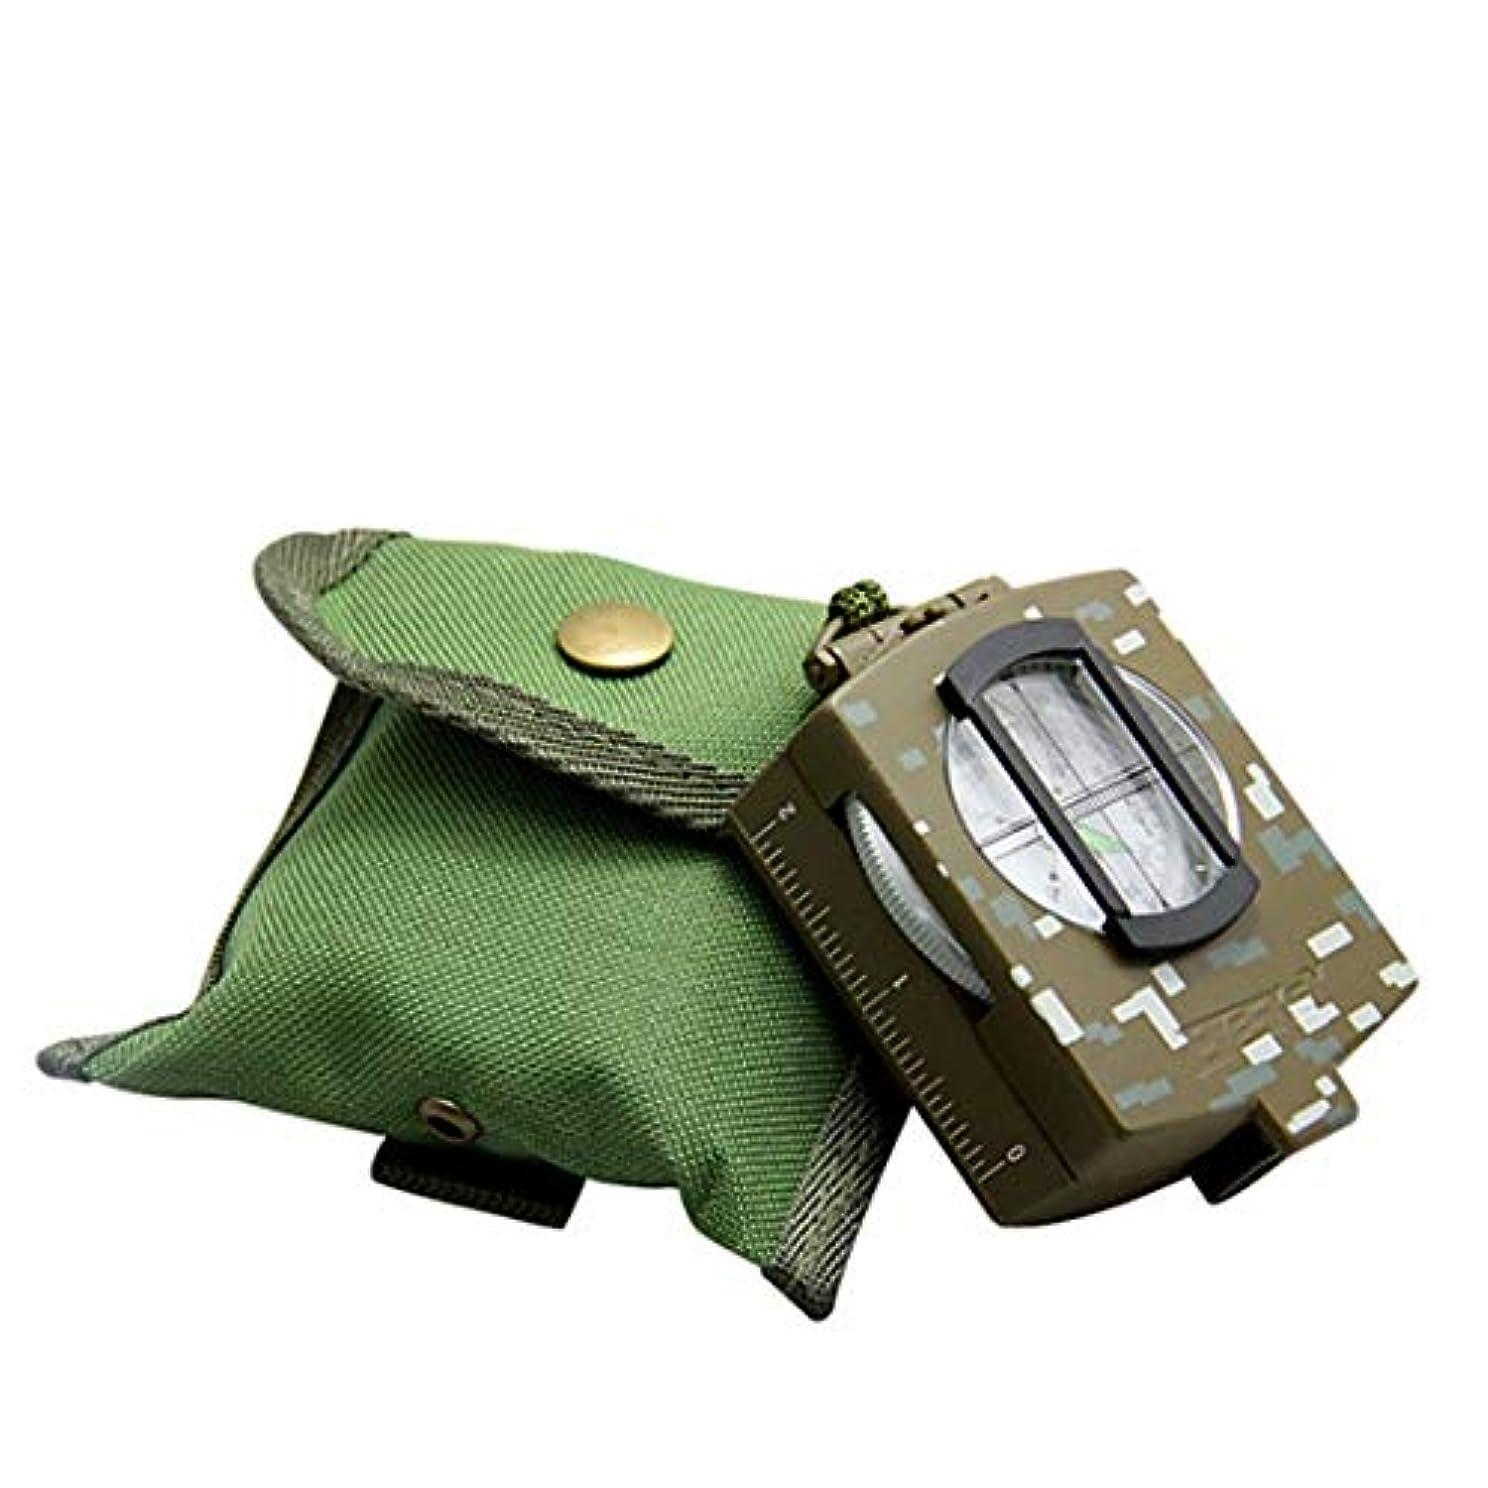 耐久テレマコスハイランドCAFUTY コンパス地質コンパスNoctilucentツアーパル屋外機器 (Color : Camouflage)